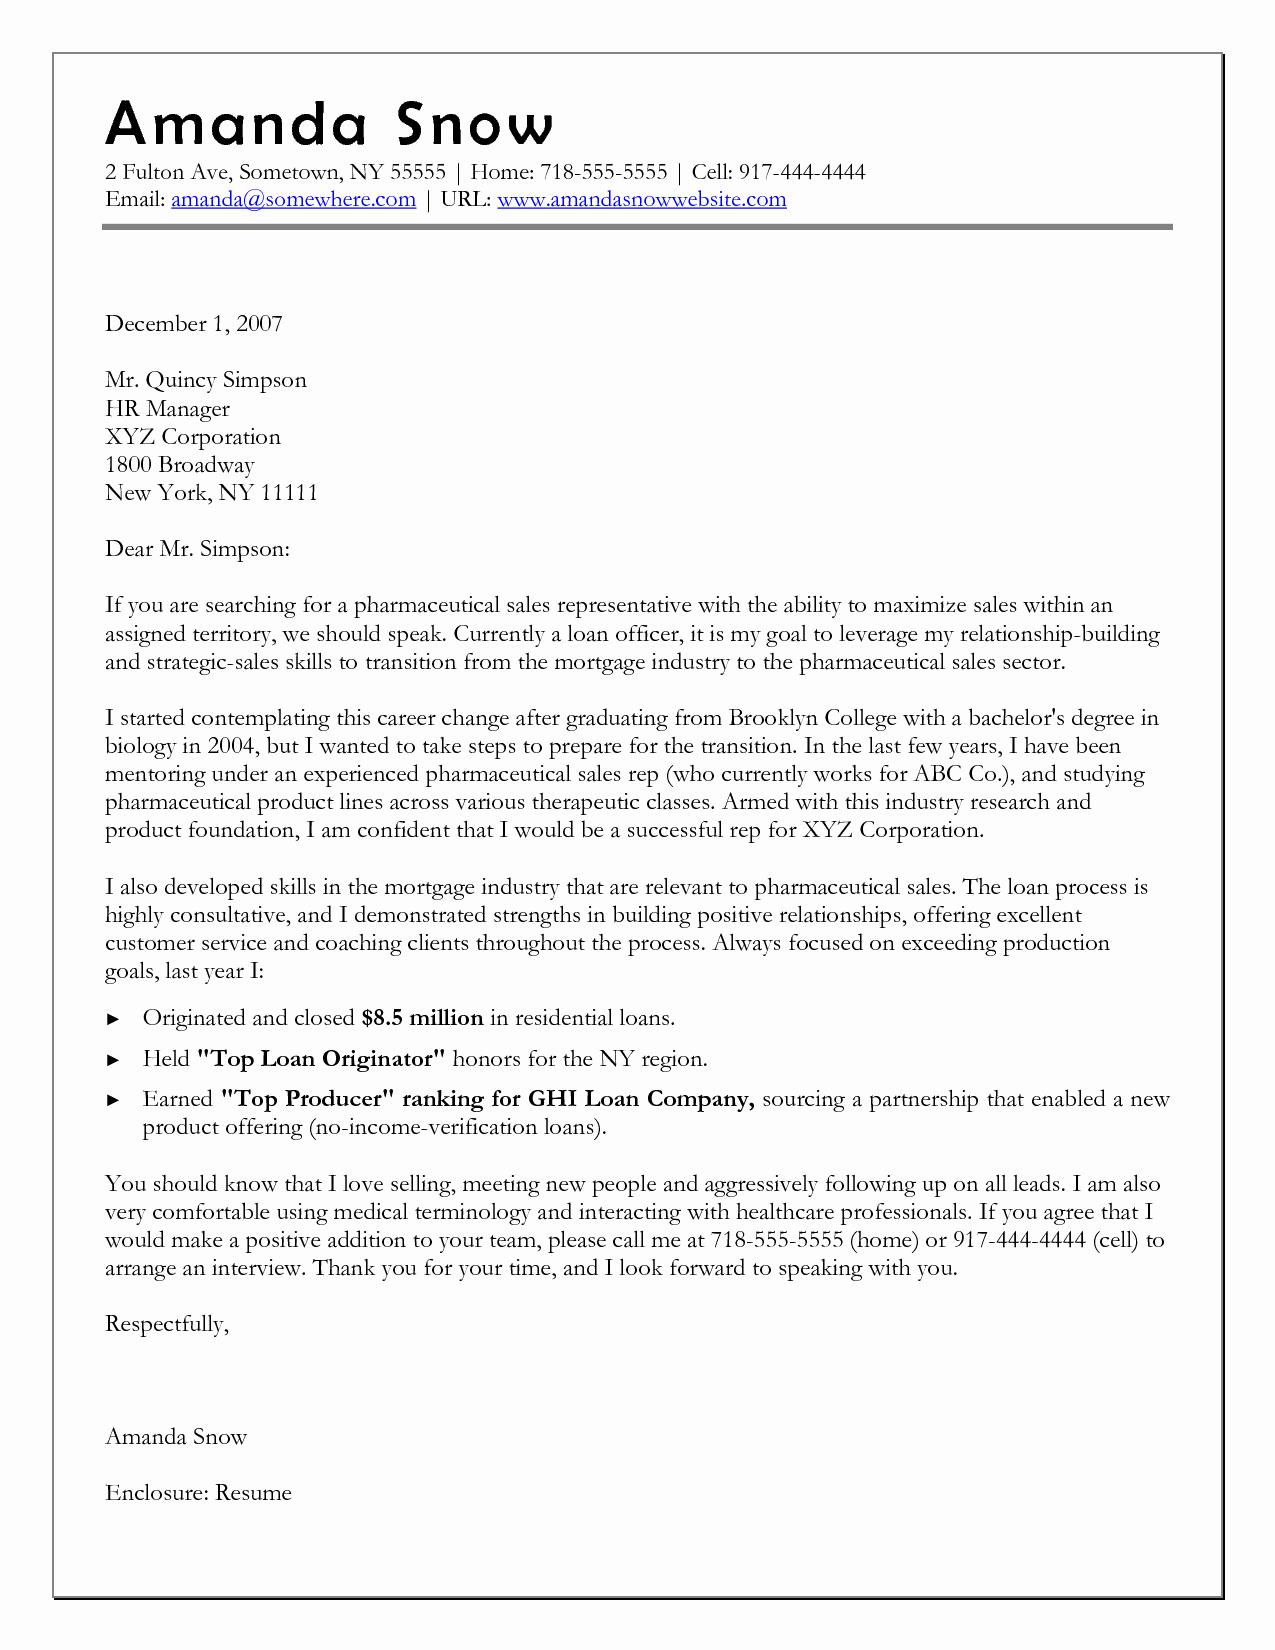 Career Change Cover Letter Samples Luxury Career Change Cover Letter